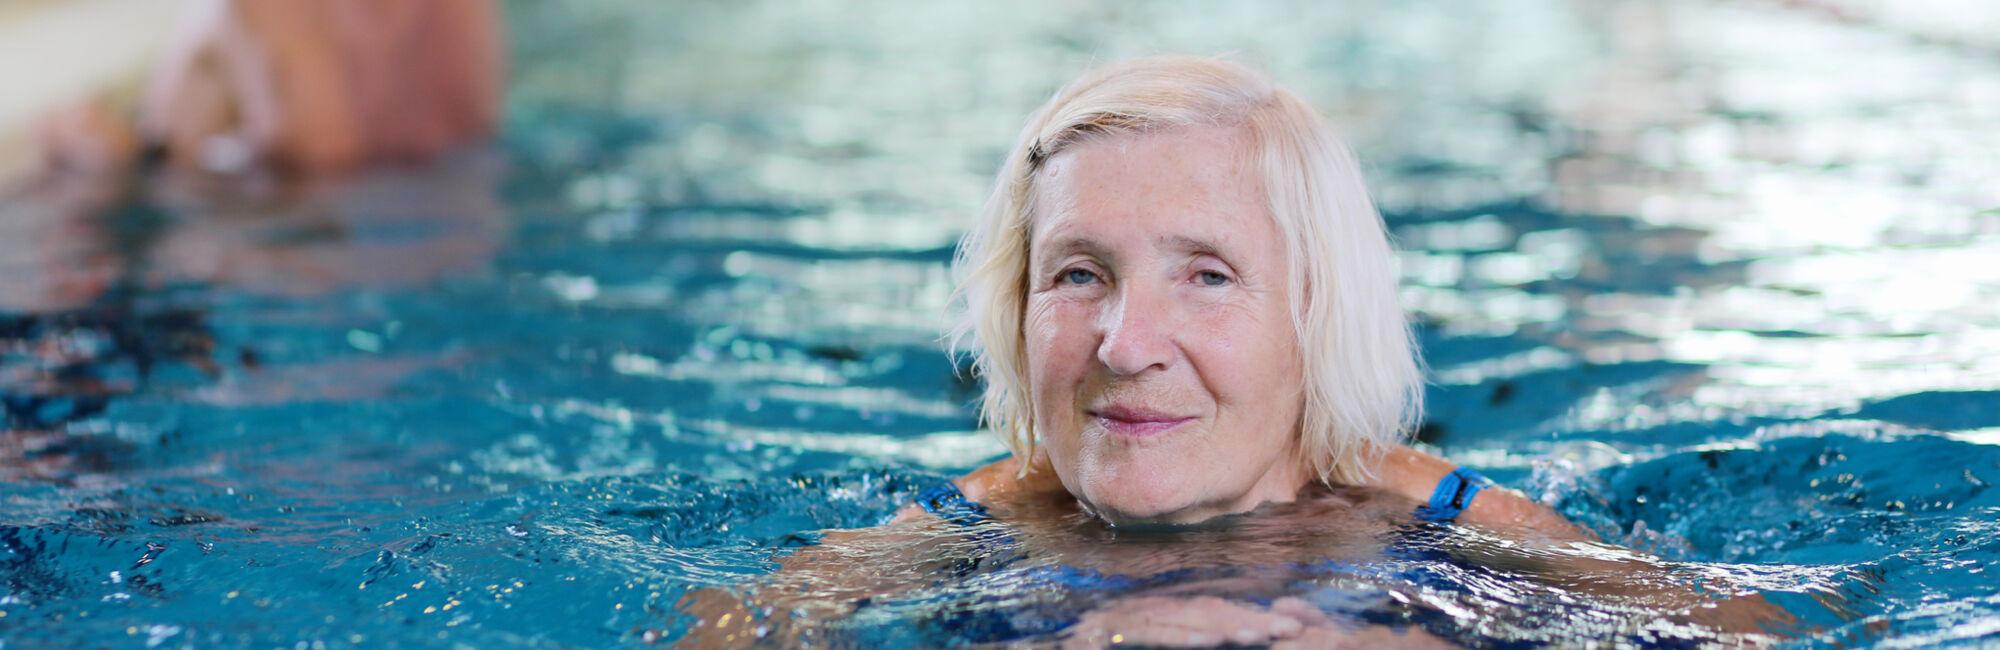 Headerbeeld zwemmen voor senioren - Oudere vrouw banen zwemmen